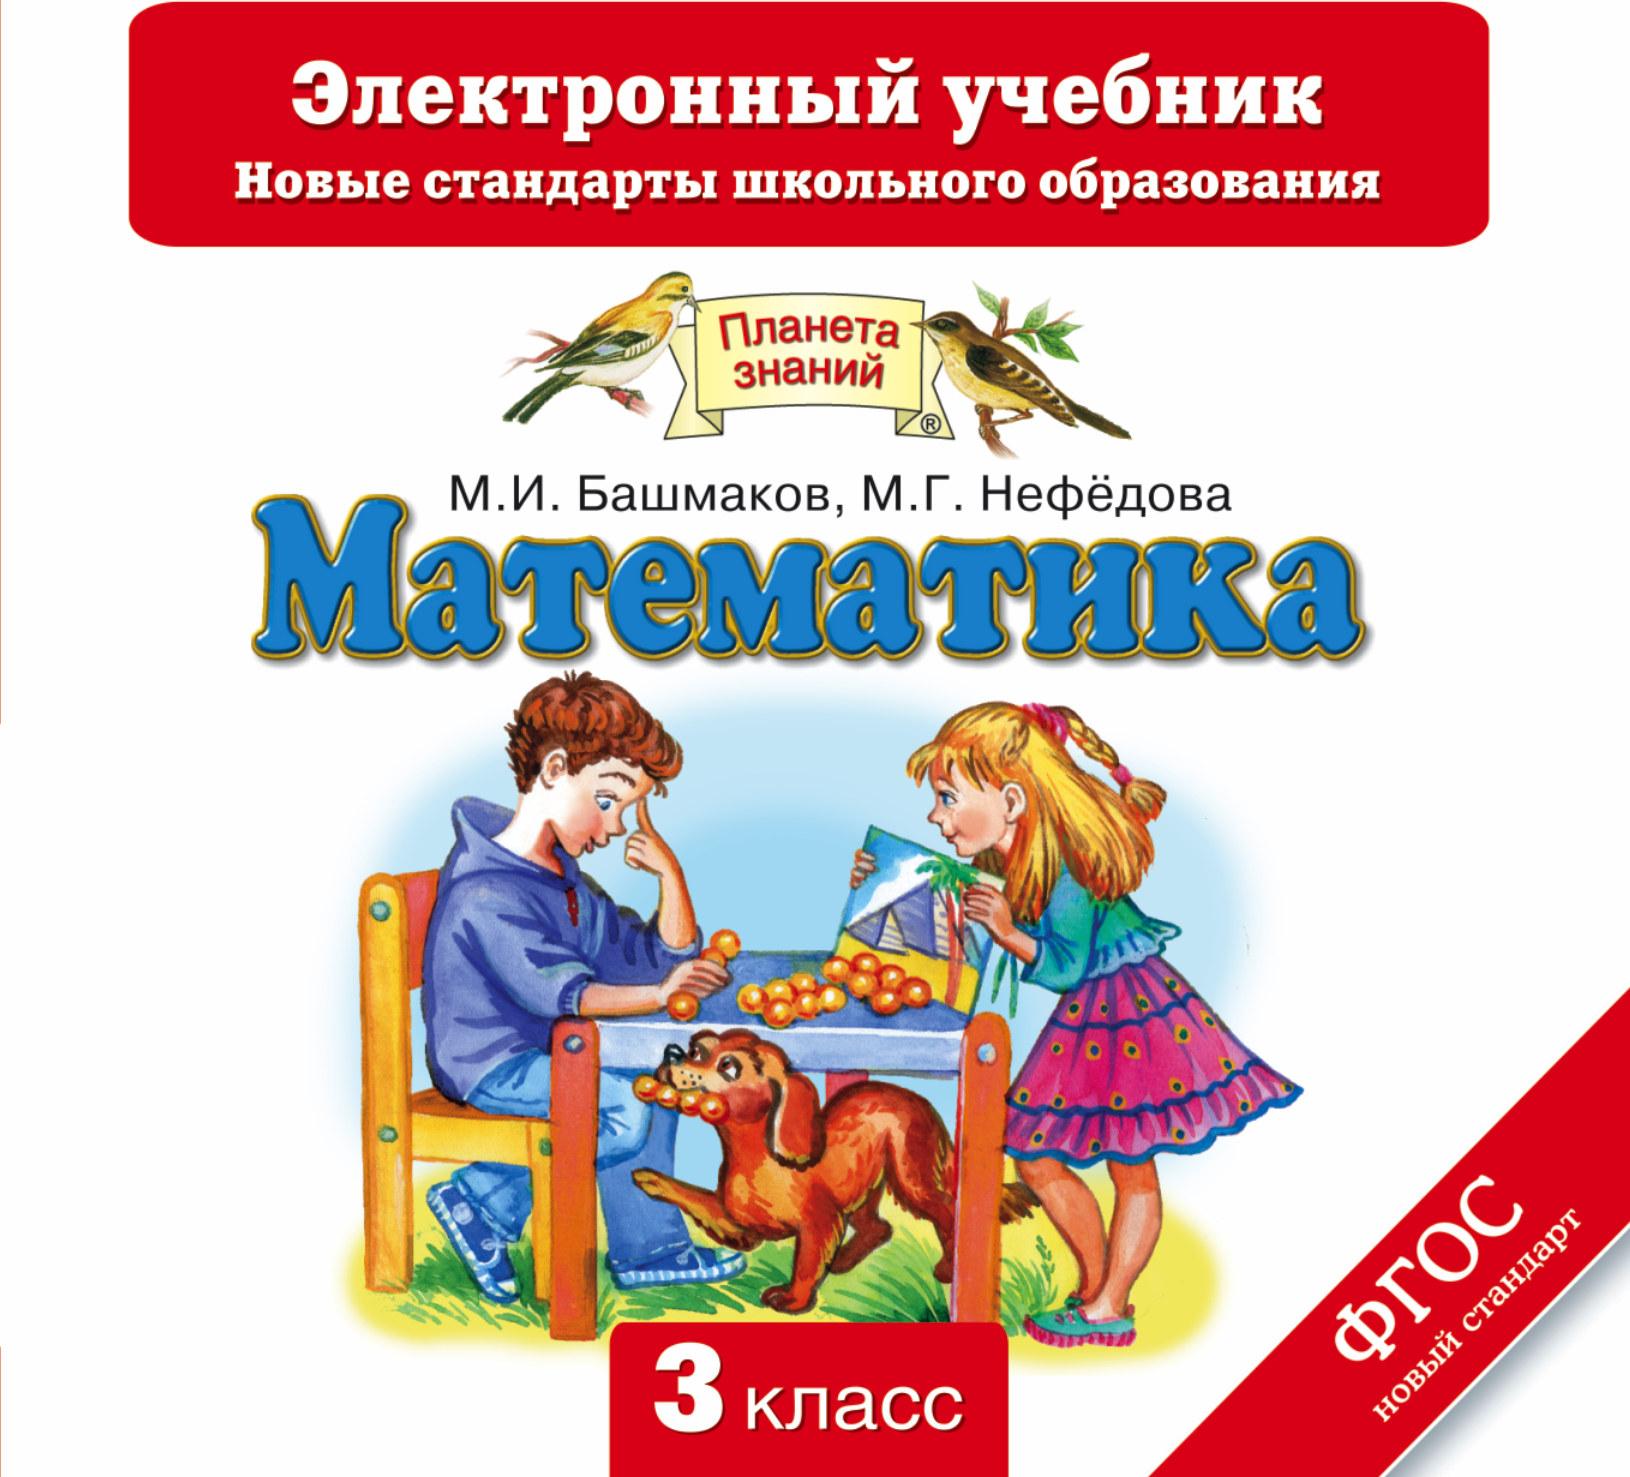 Башмаков М.И., Нефедова М.Г. Математика. 3 класс. Электронный учебник (СD)